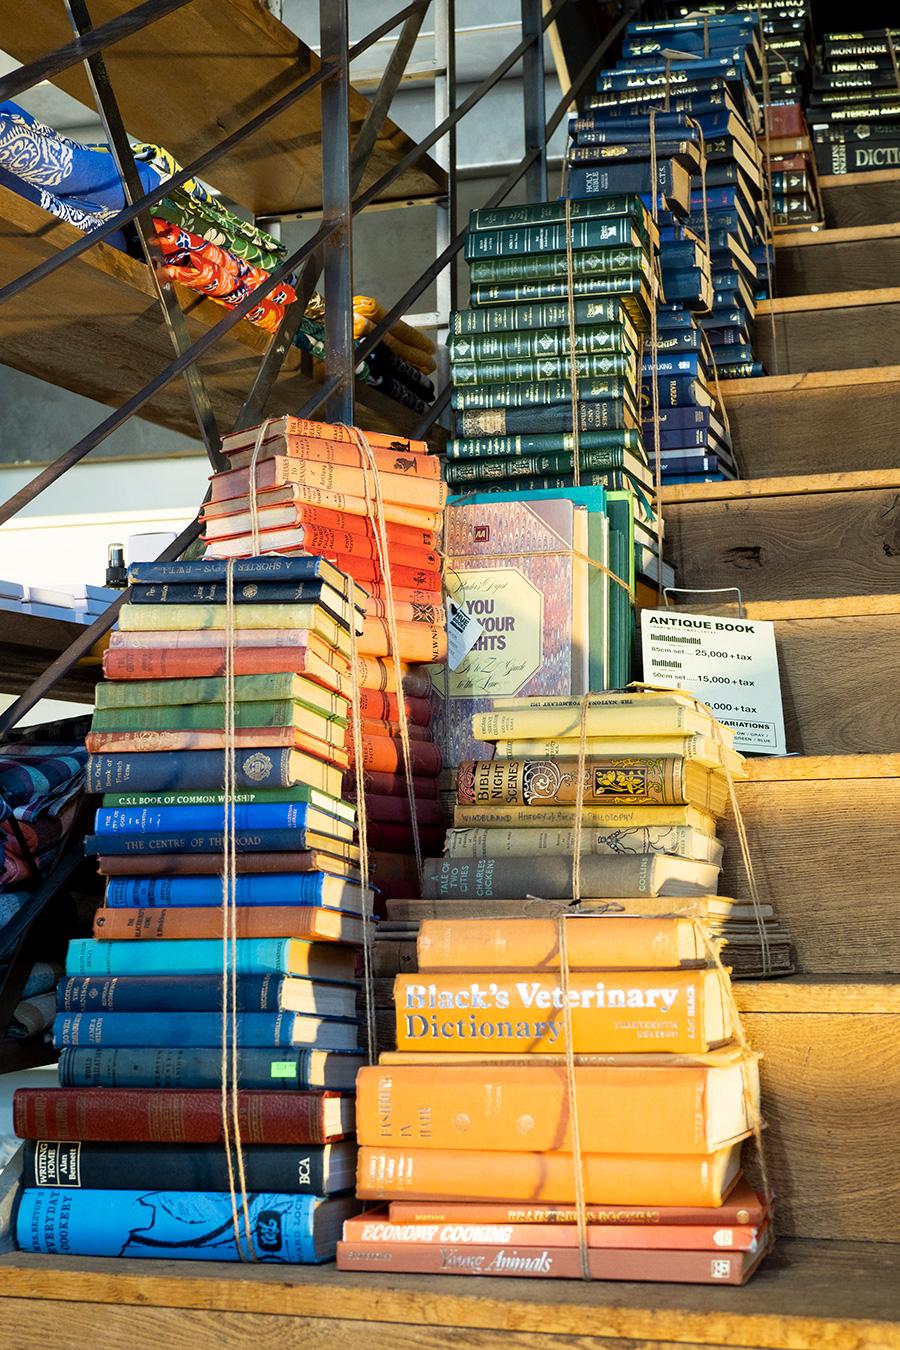 年1、2回海外で買い付けるという洋書の古本。古いものは100年程前のものから。セットでまとめての購入もでき、平積みにして高さ25cmで¥8000、50cmで15000、85cmで¥25000。